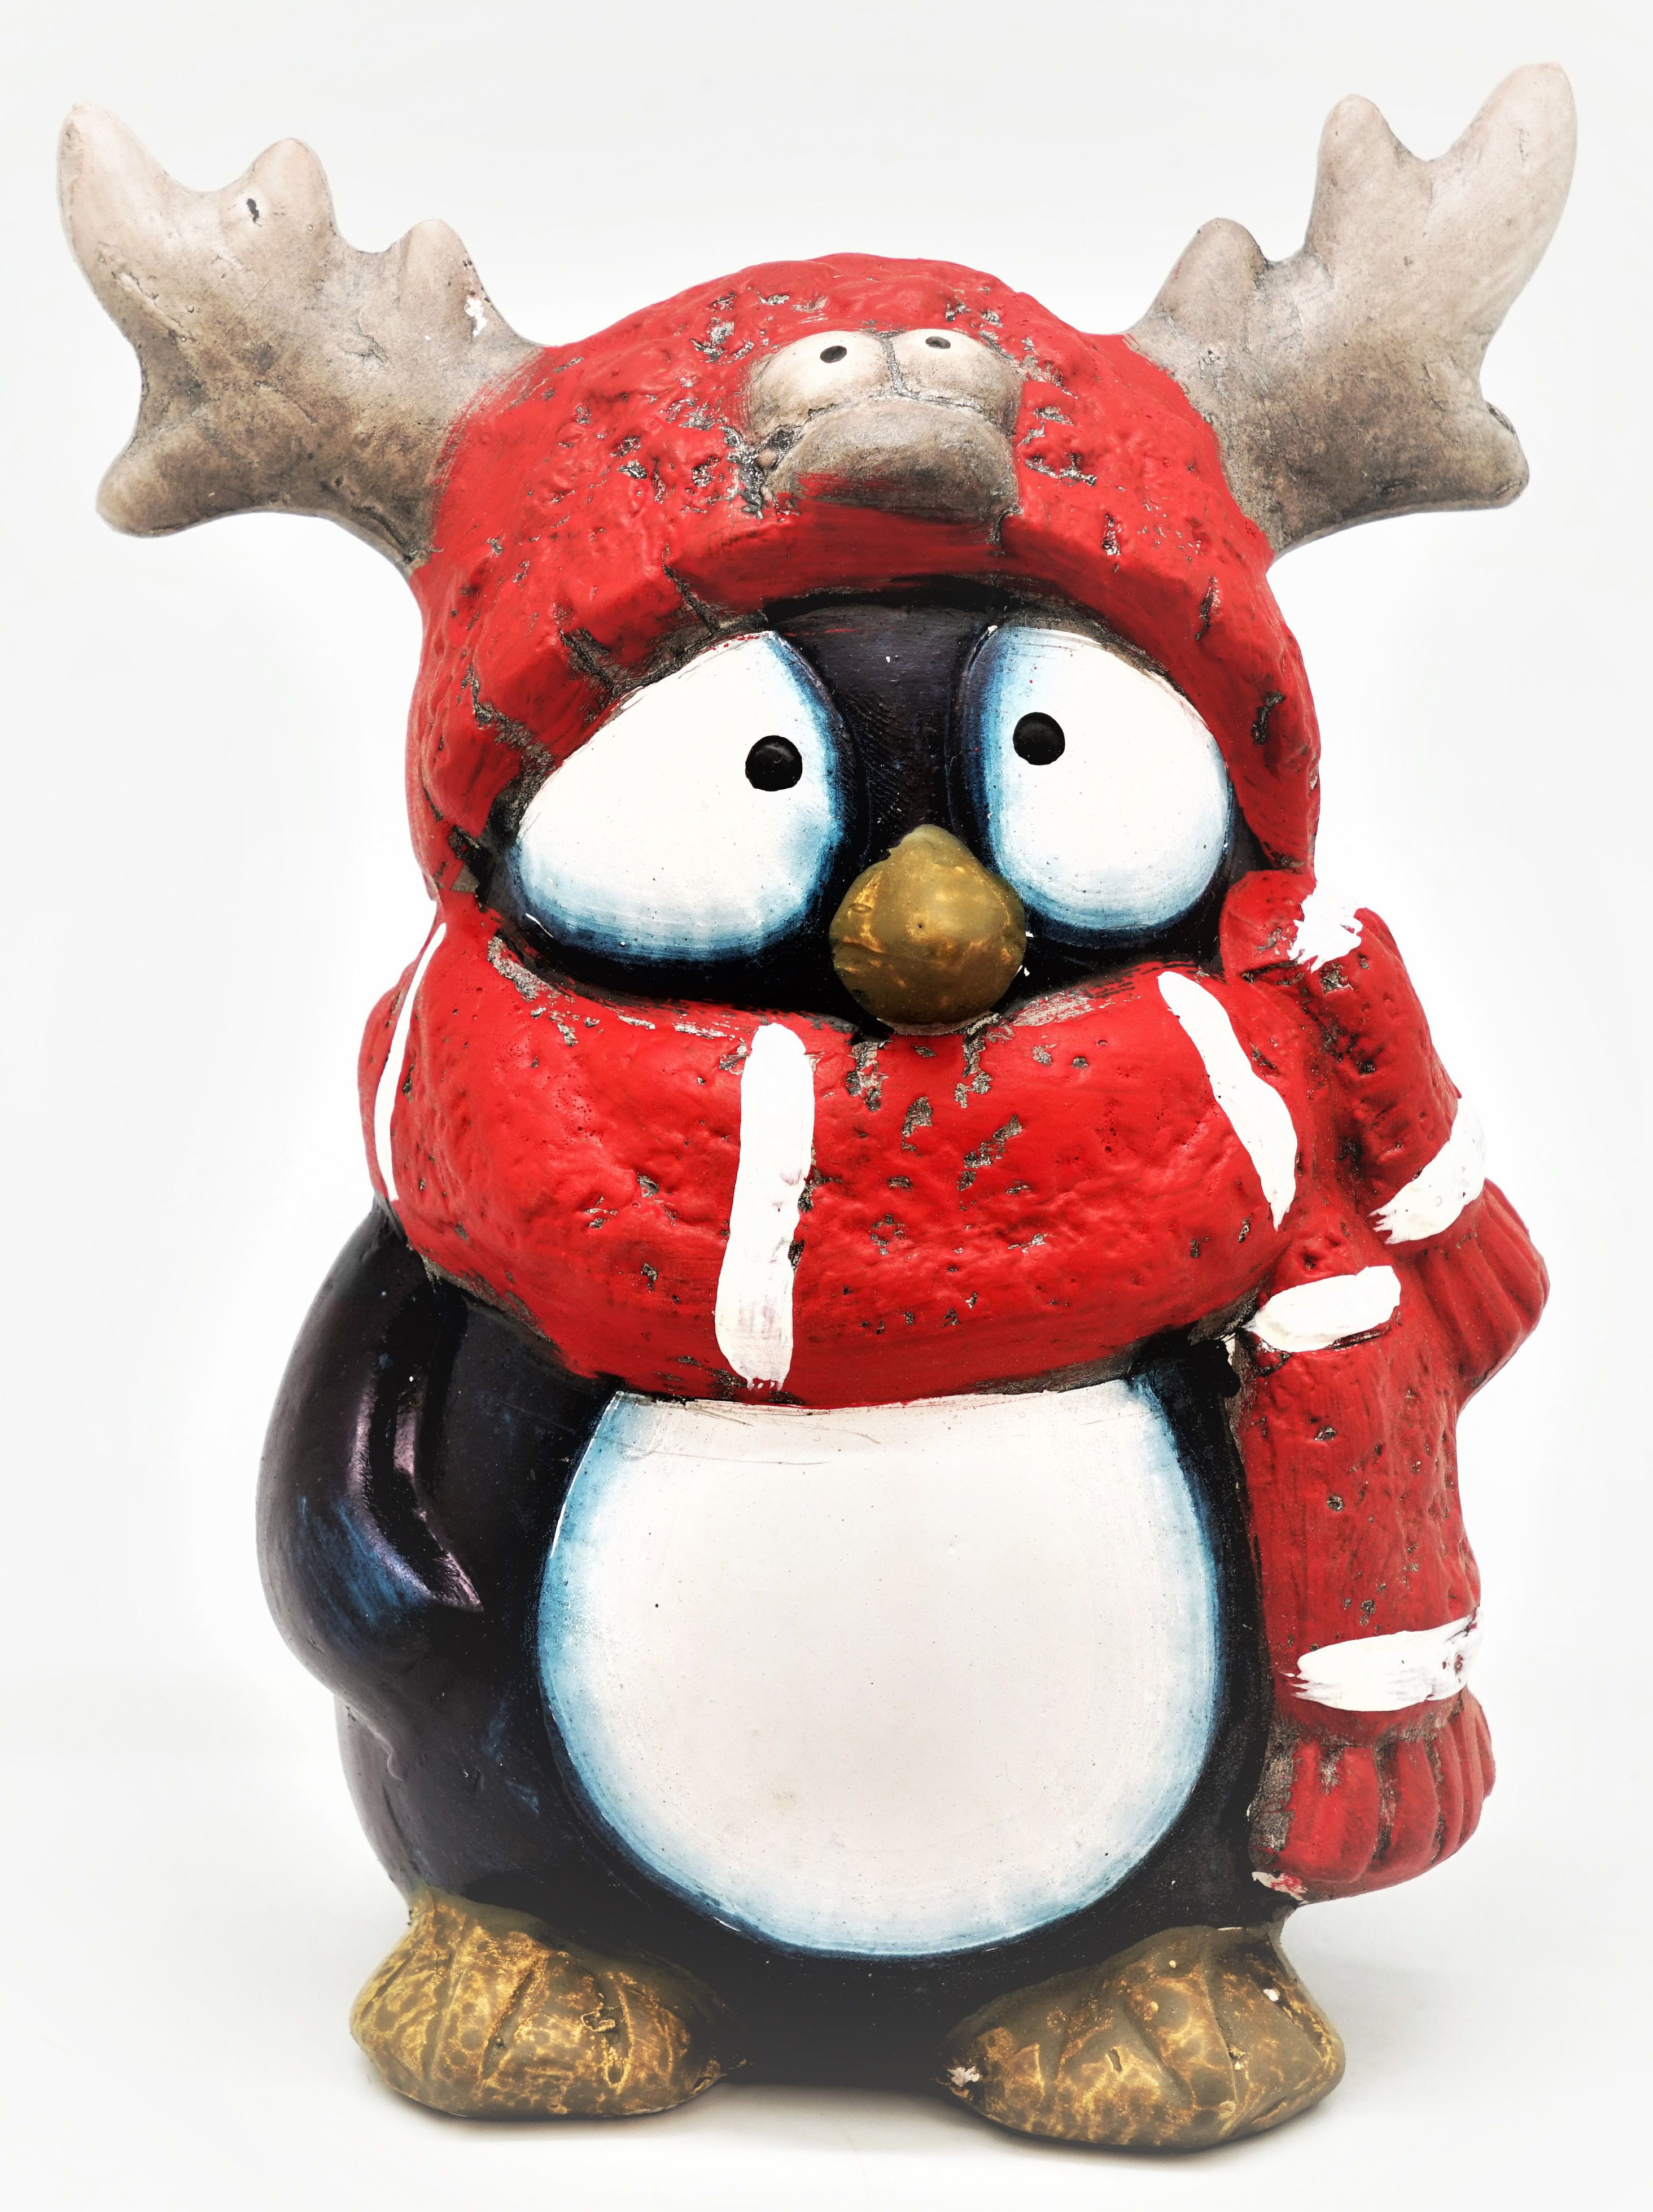 цена на Копилка Яркий Праздник Пингвин рогатик, 13,5 х 10,5 х 17,5 см